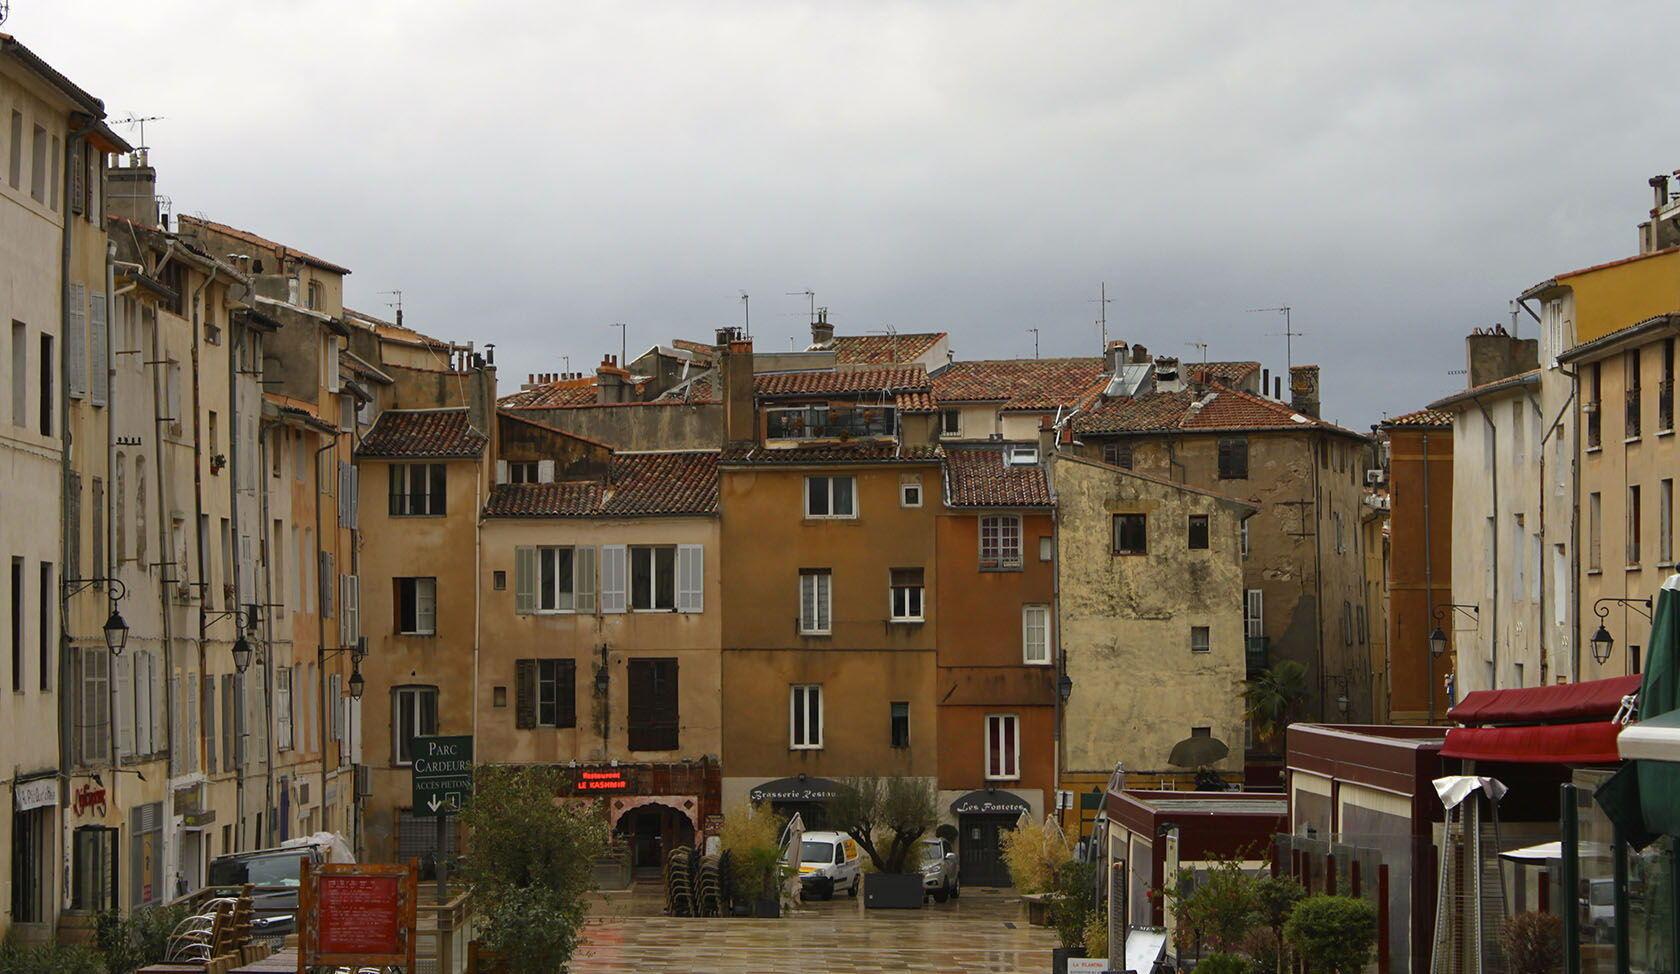 Aix-en-Provence Place des Cardeurs